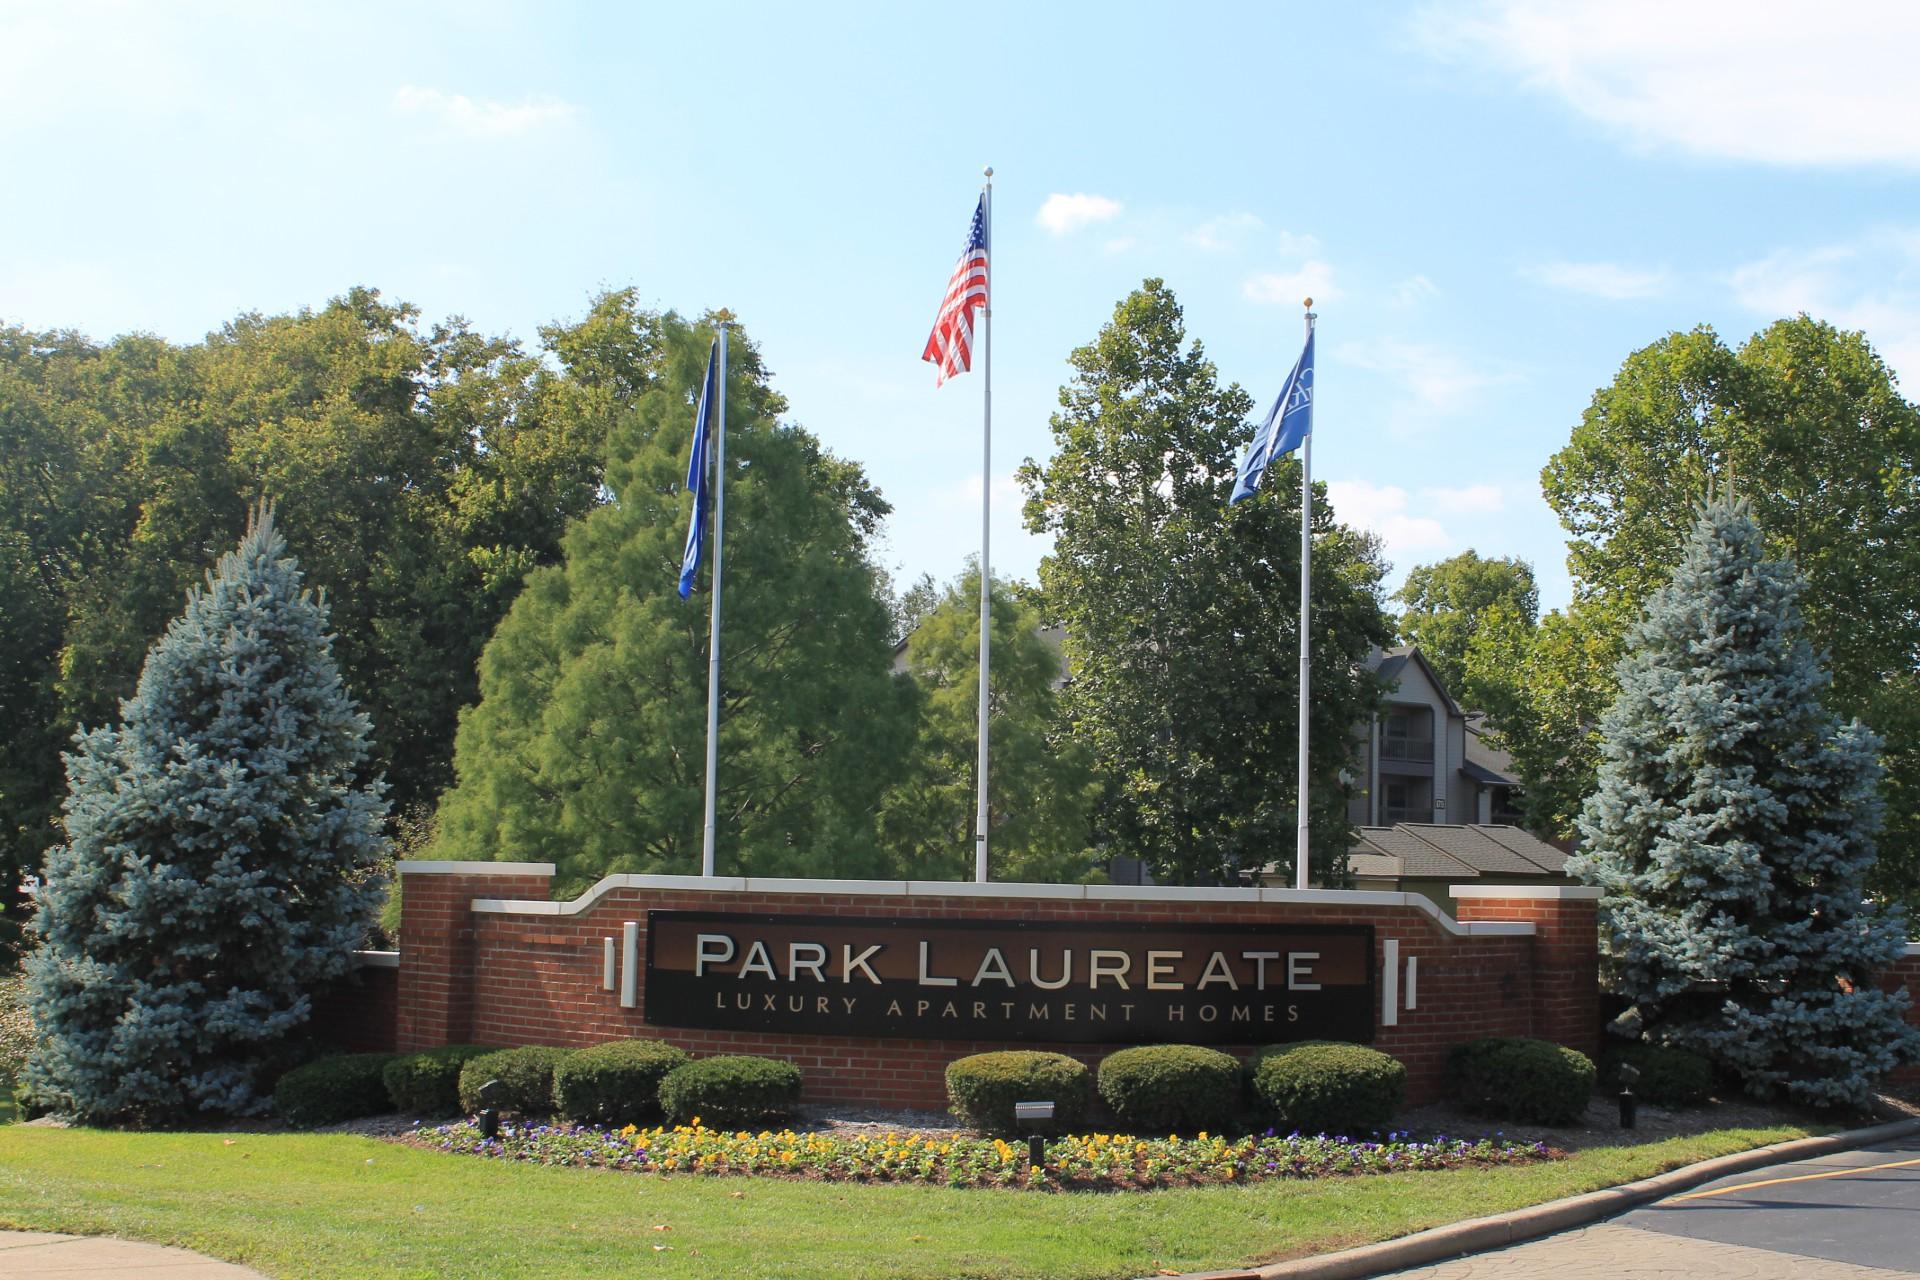 Apartments Near Sullivan Park Laureate Apartments for Sullivan University Students in Louisville, KY